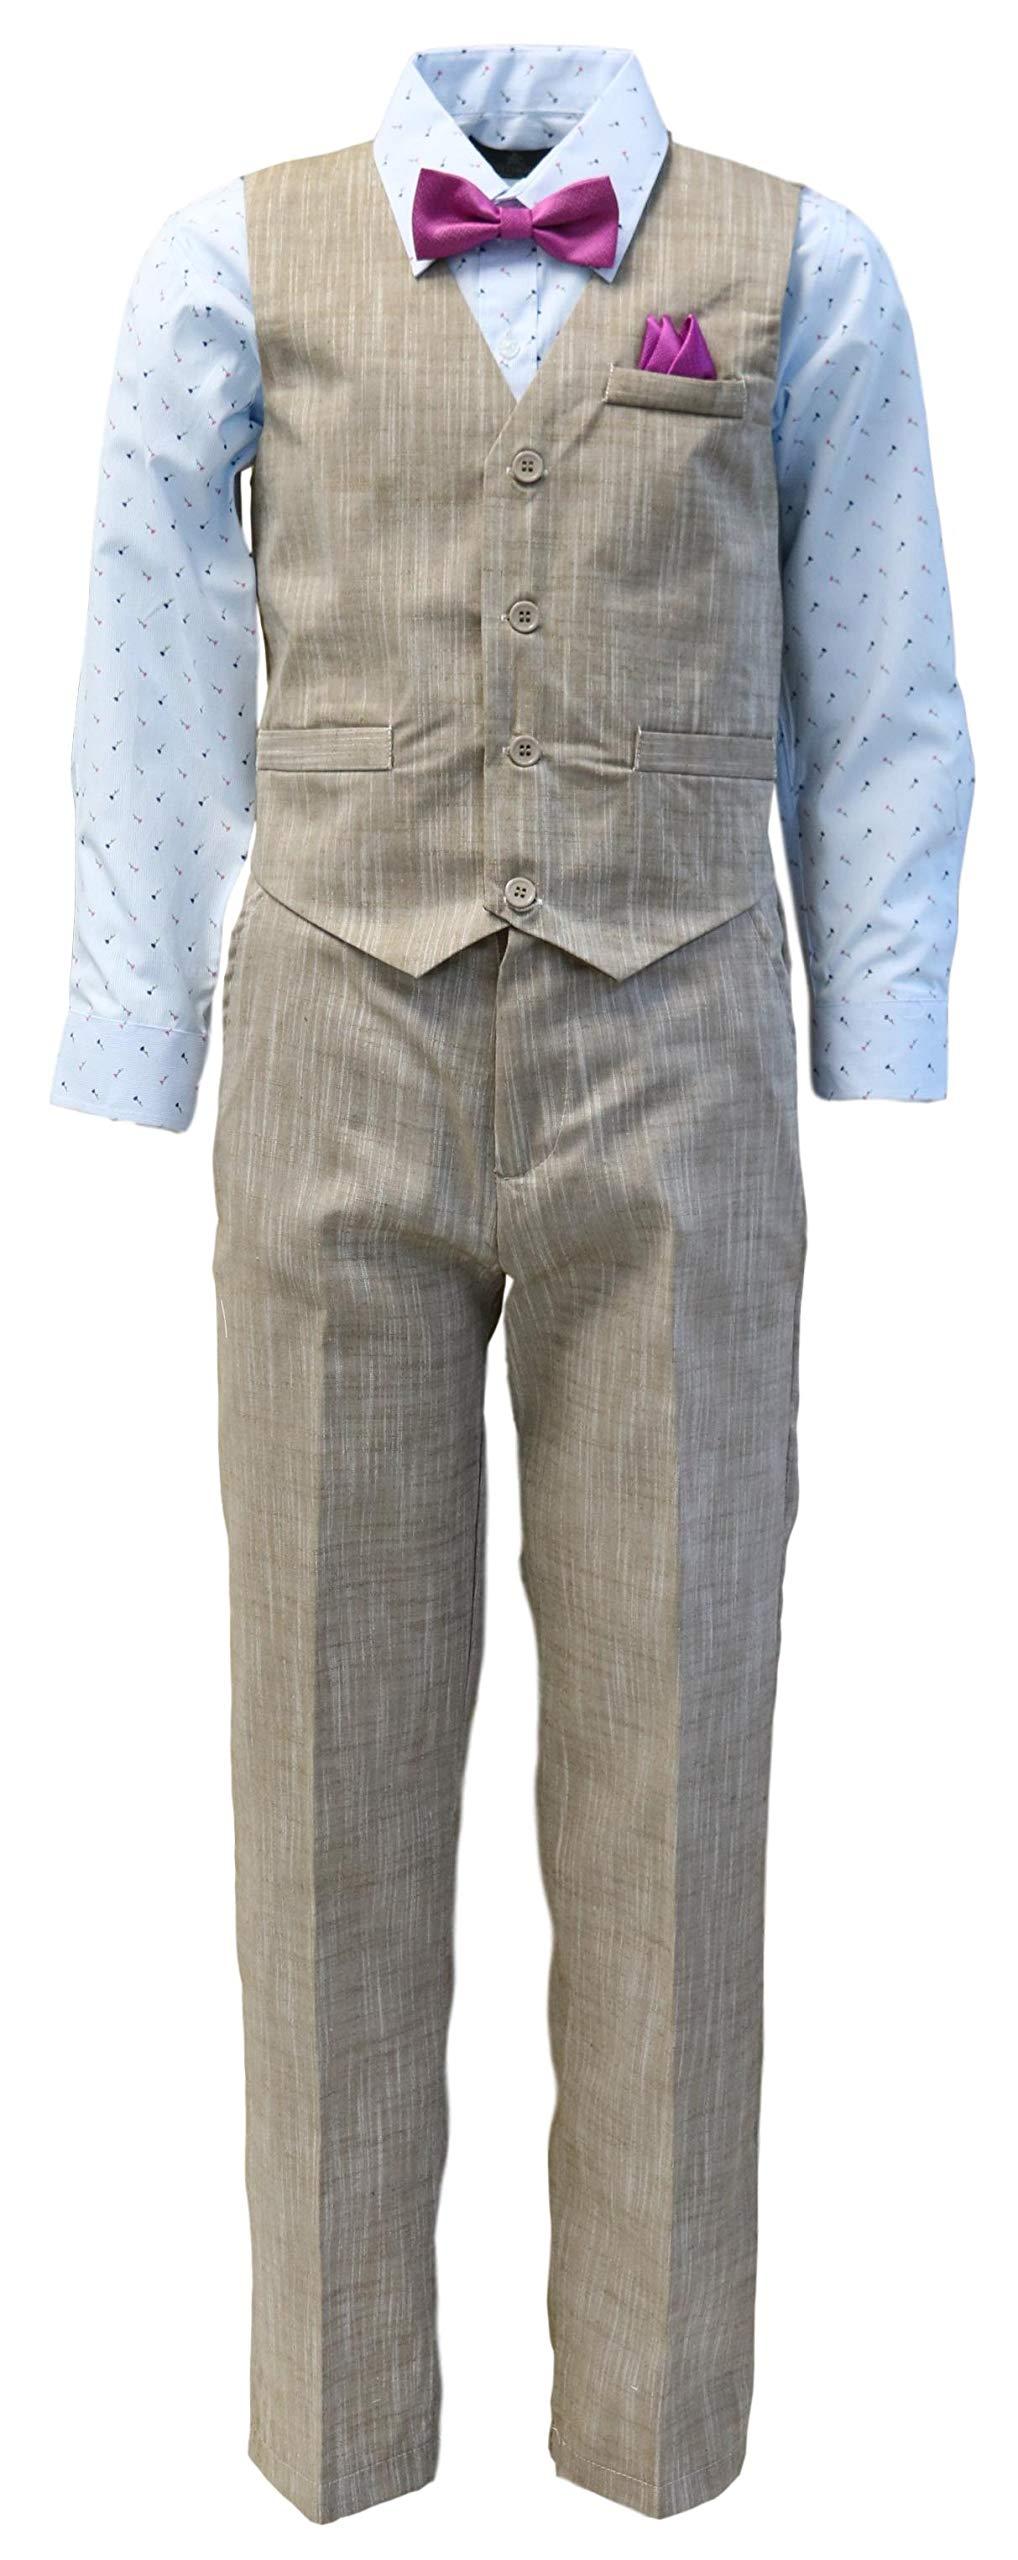 Vittorino Boy's Linen Look 4 Piece Suit Set with Vest Pants Shirt and Tie, Tan - Light Blue, 12